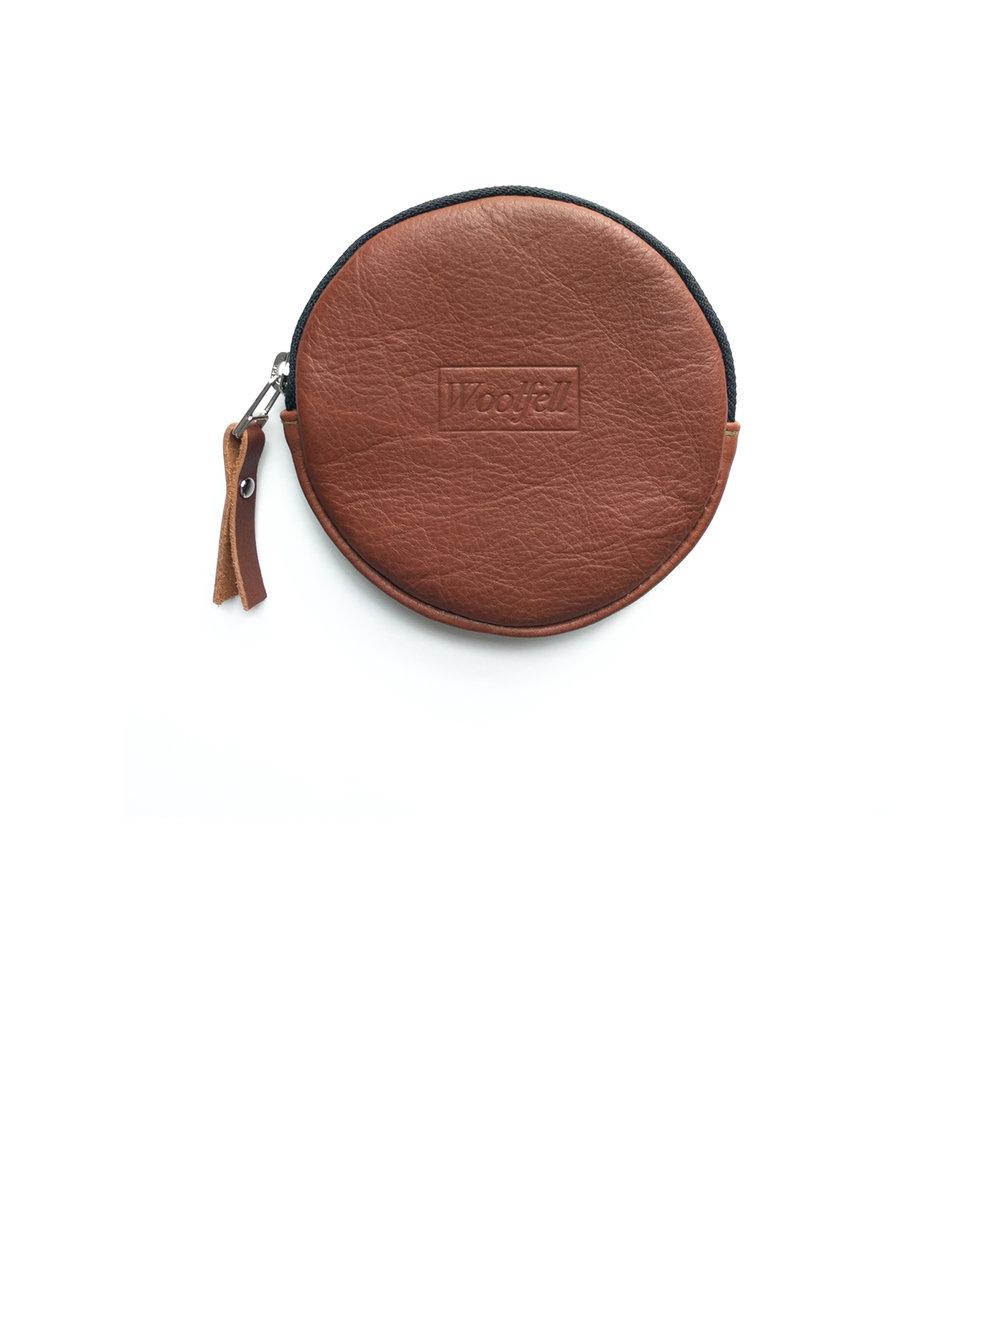 Porte-monnaie - plusieurs couleurs disponibles30.00$